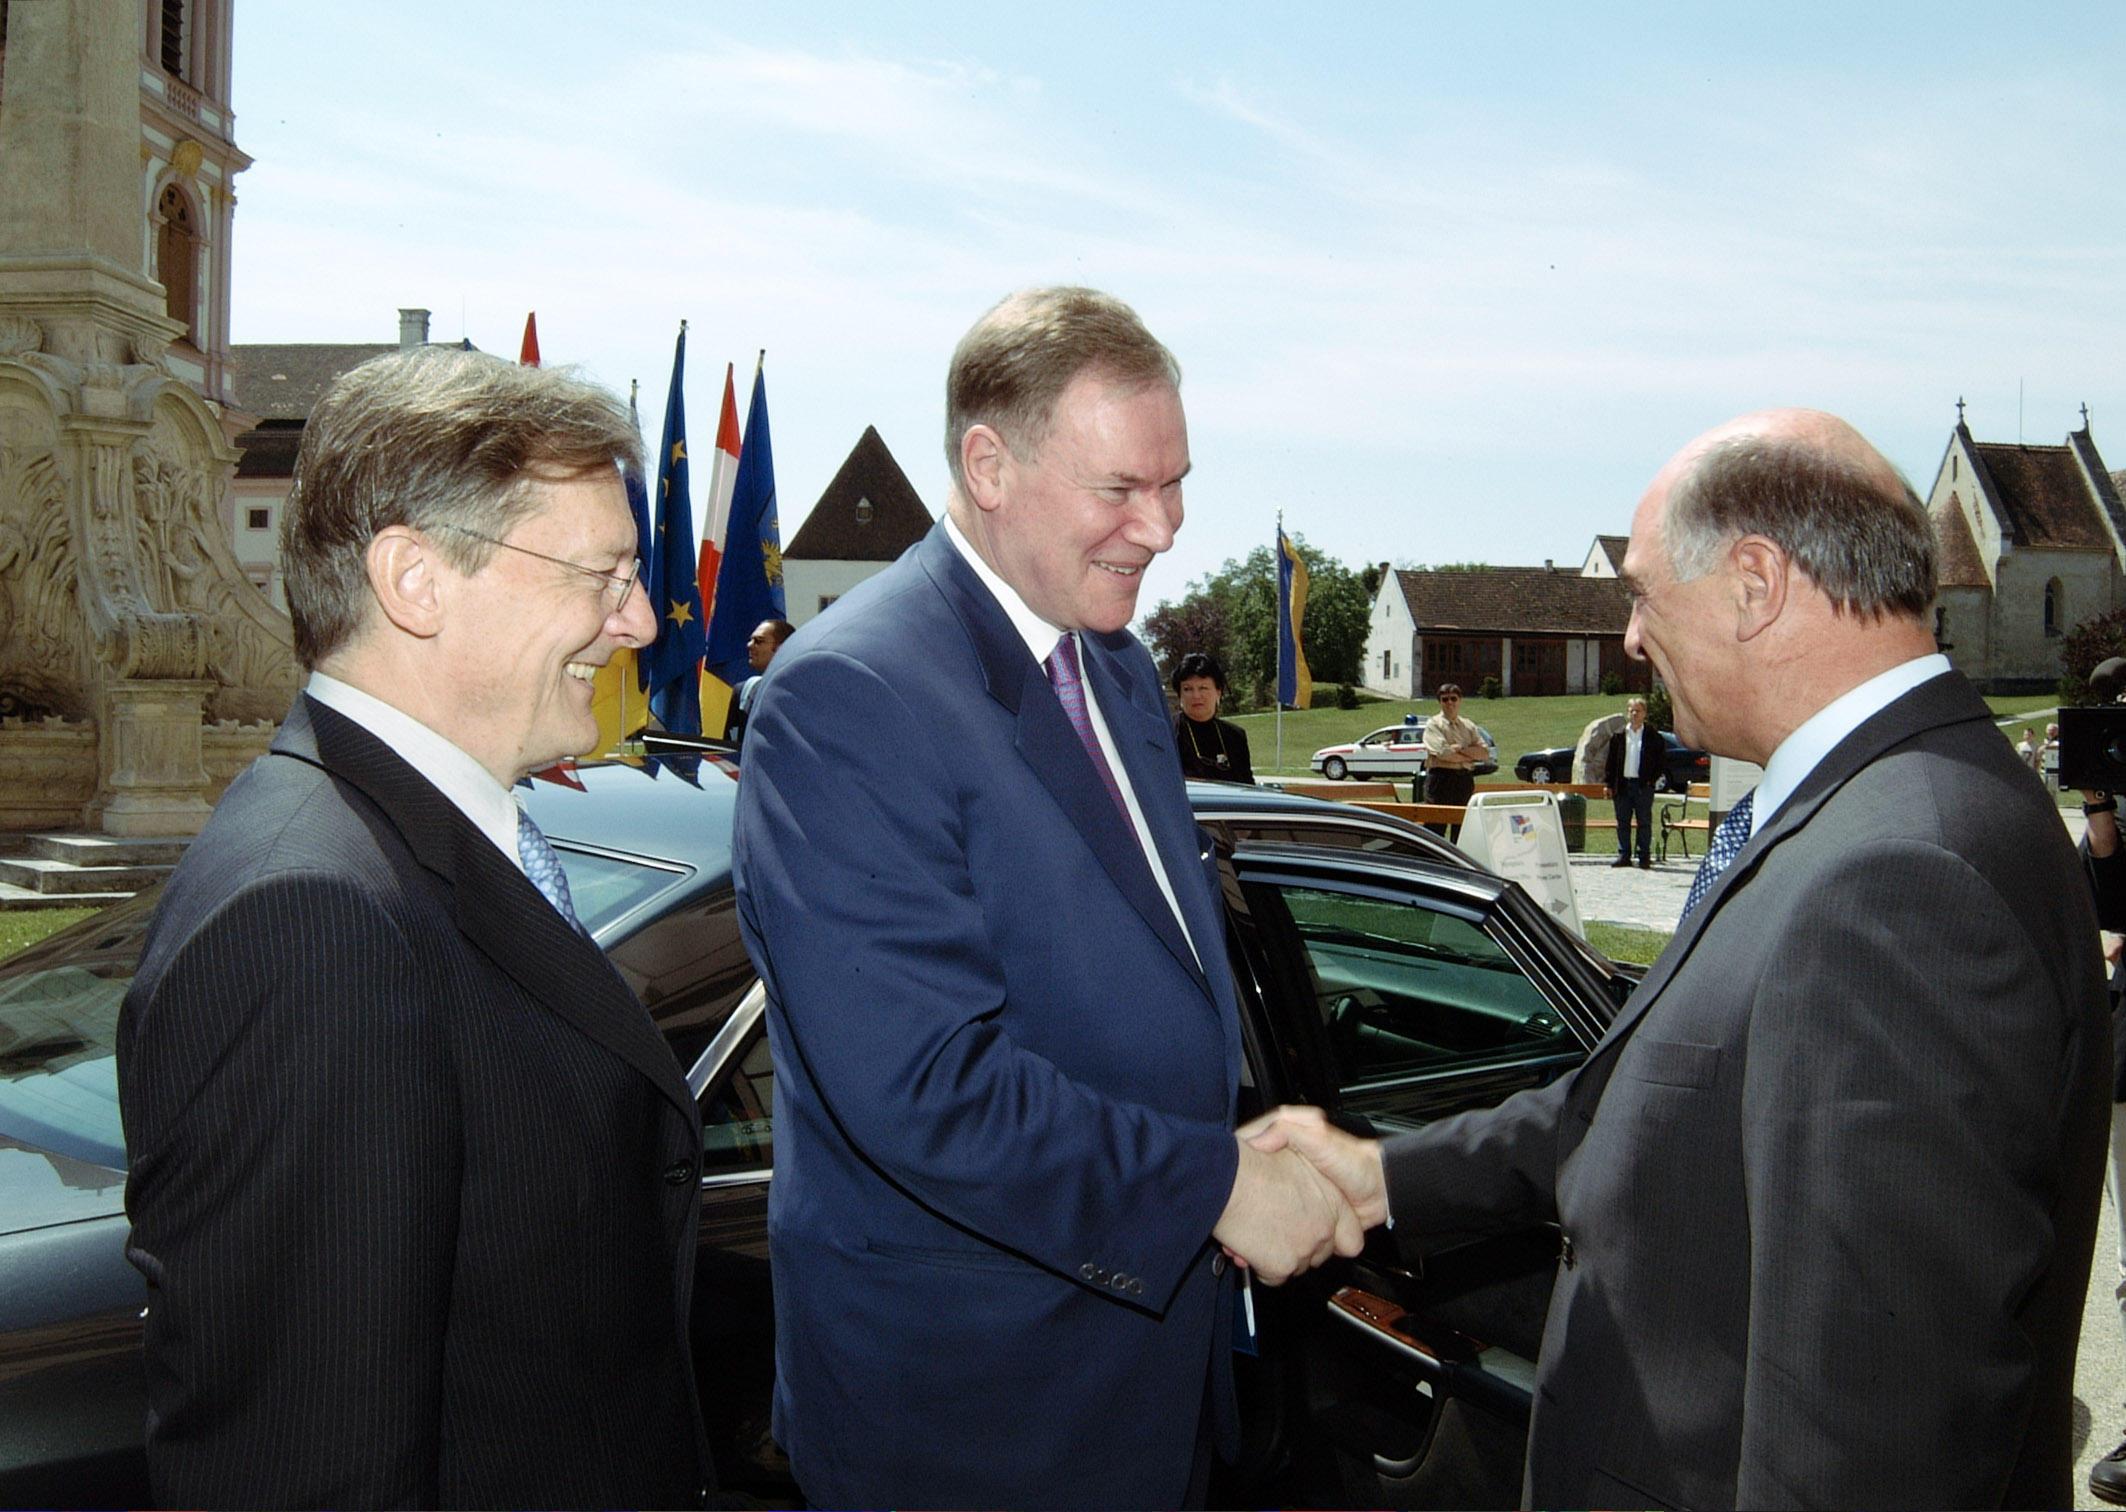 Bild zu OTS - Bundeskanzler Dr. Wolfgang Schüssel, Paavo Lipponen (Ministerpräsident der Republik Finnland), Landeshauptmann Dr. Erwin Pröll